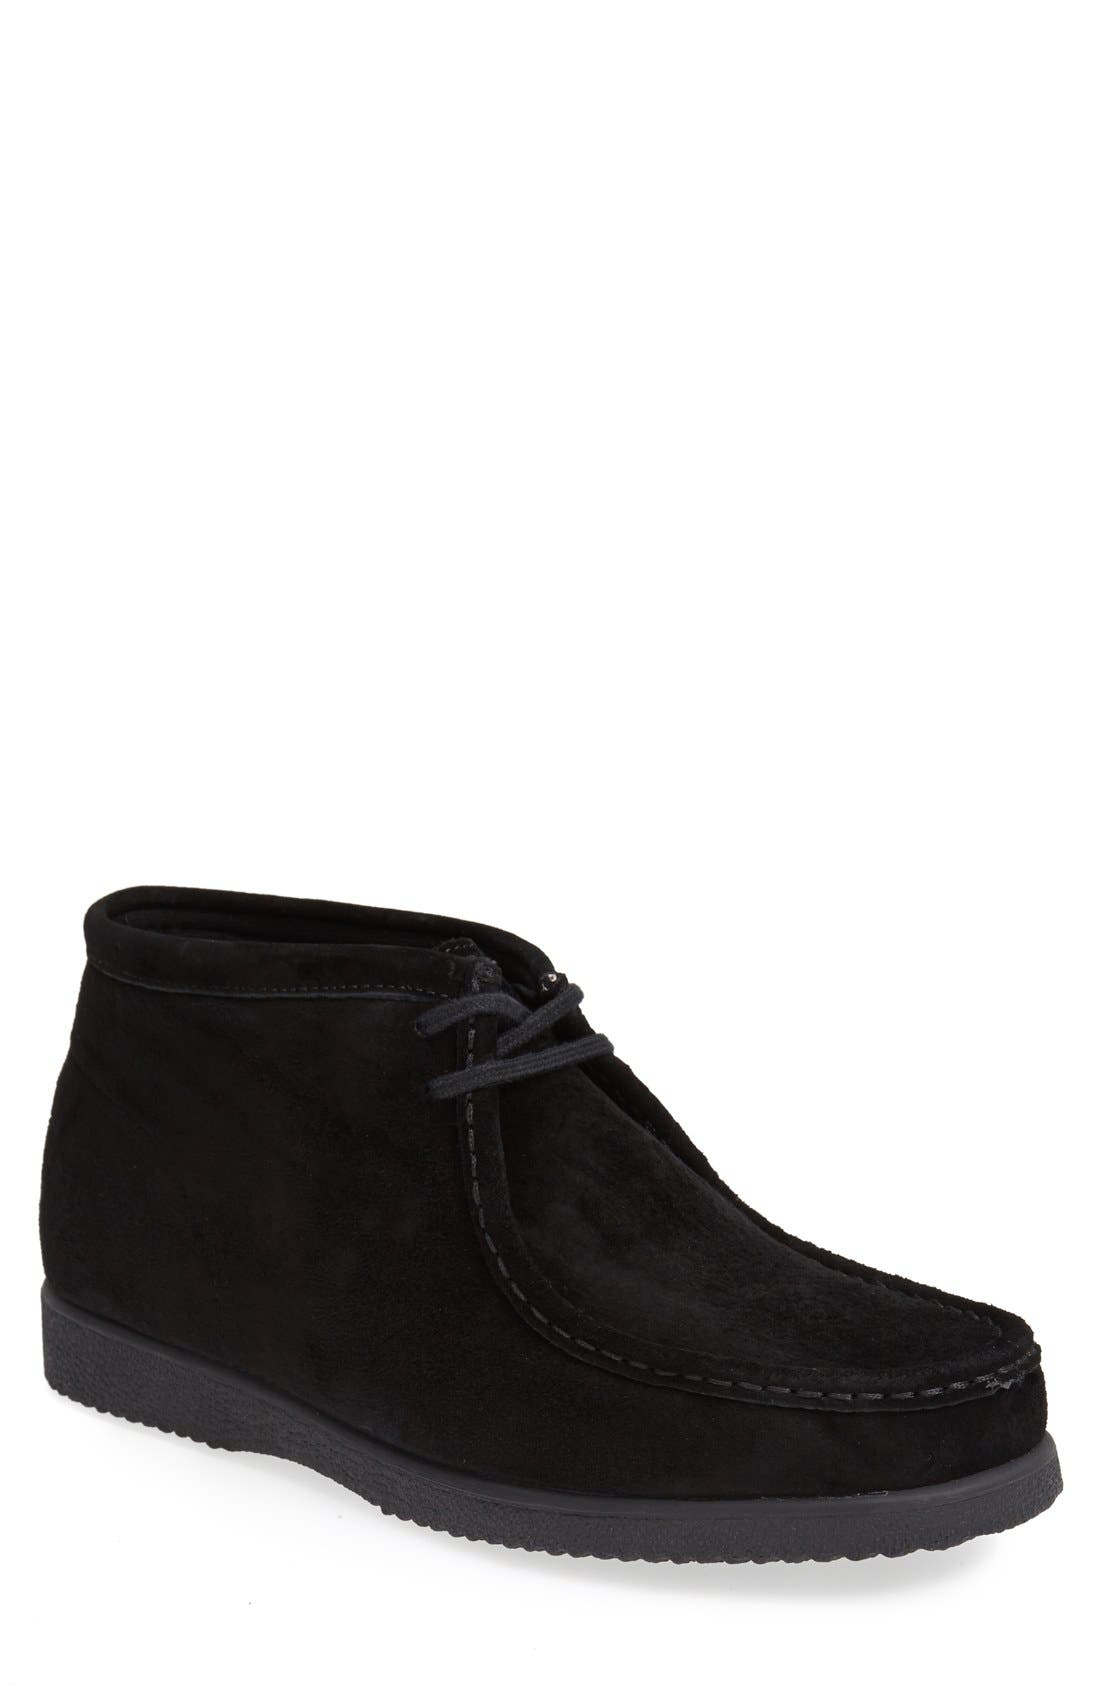 'Bridgeport' Boot, Main, color, 001